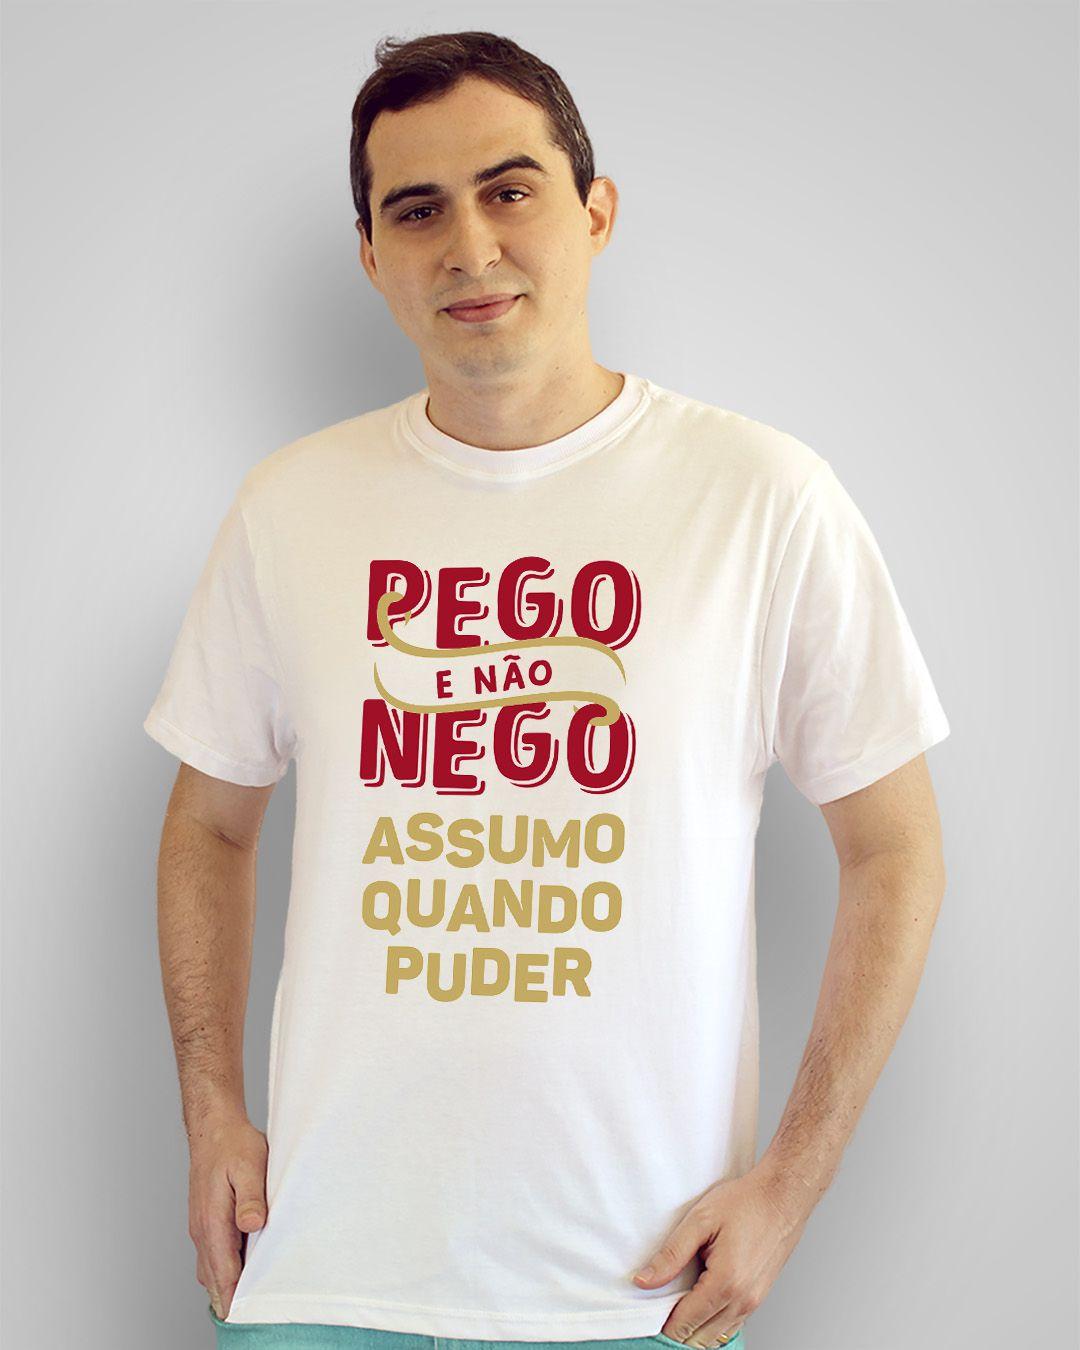 Camiseta Pego e não nego, assumo quando puder